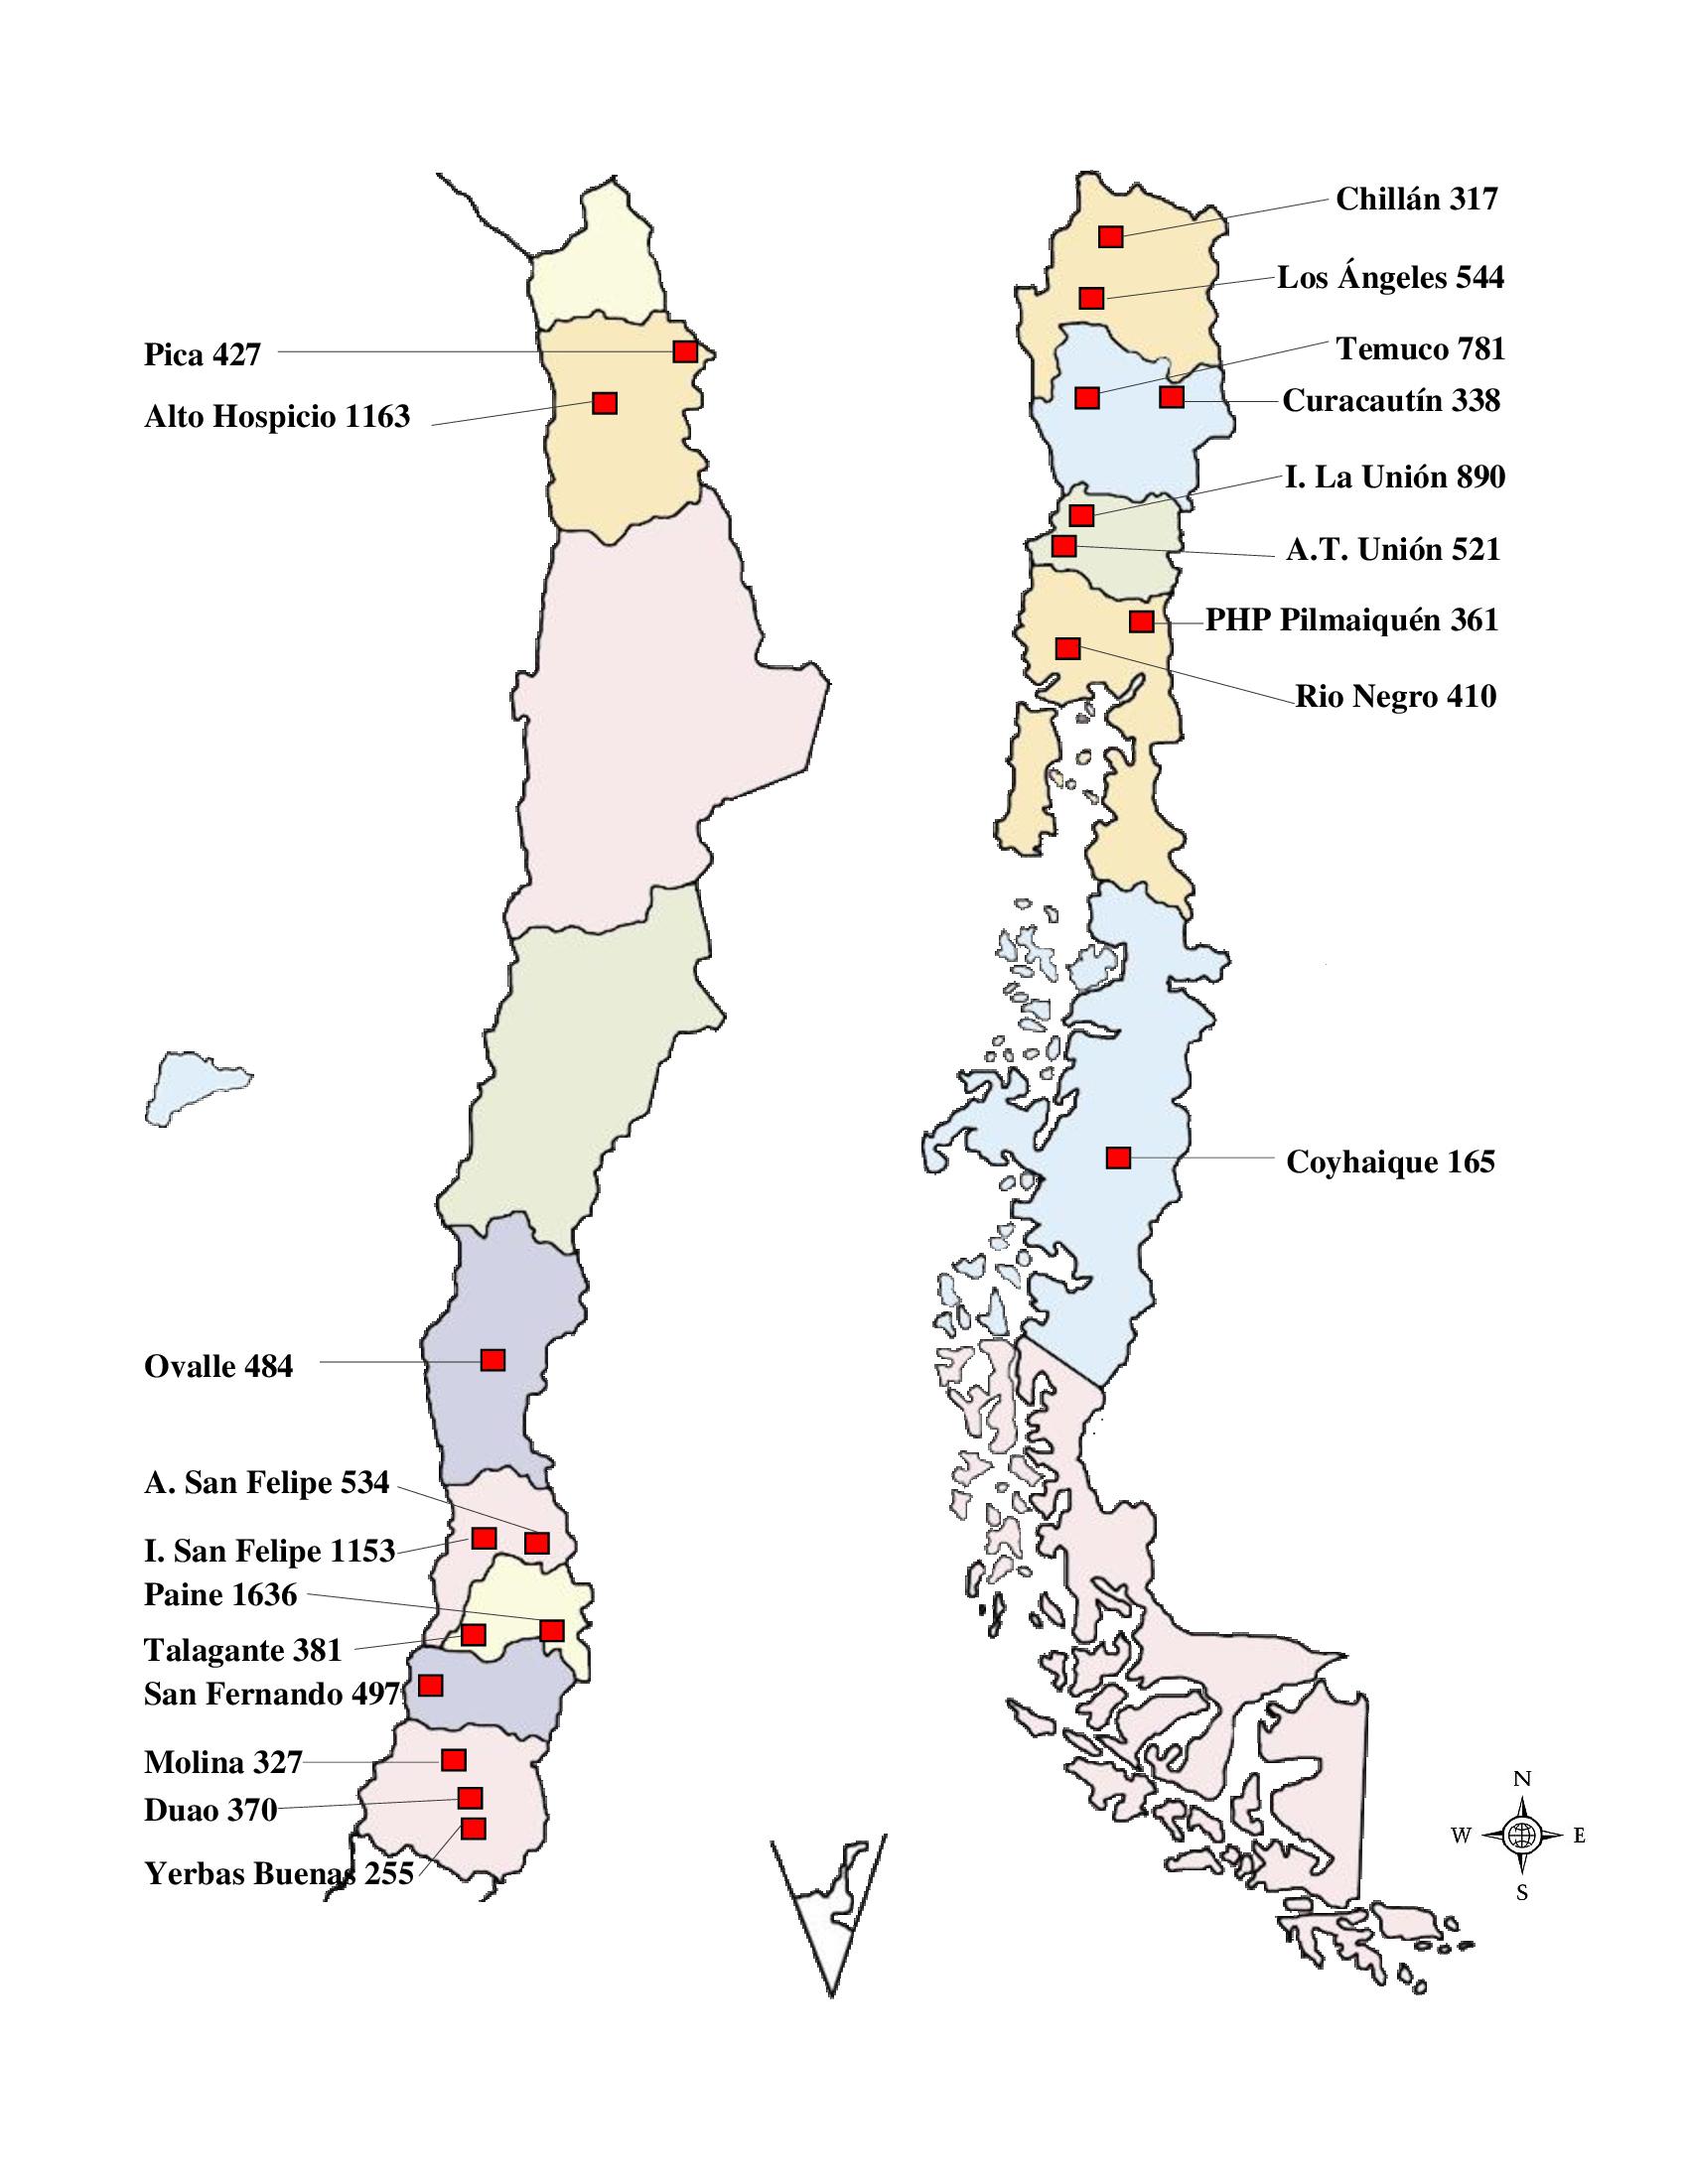 Mapa-SNA-Educa-matrícula-con-flechas-y-colores